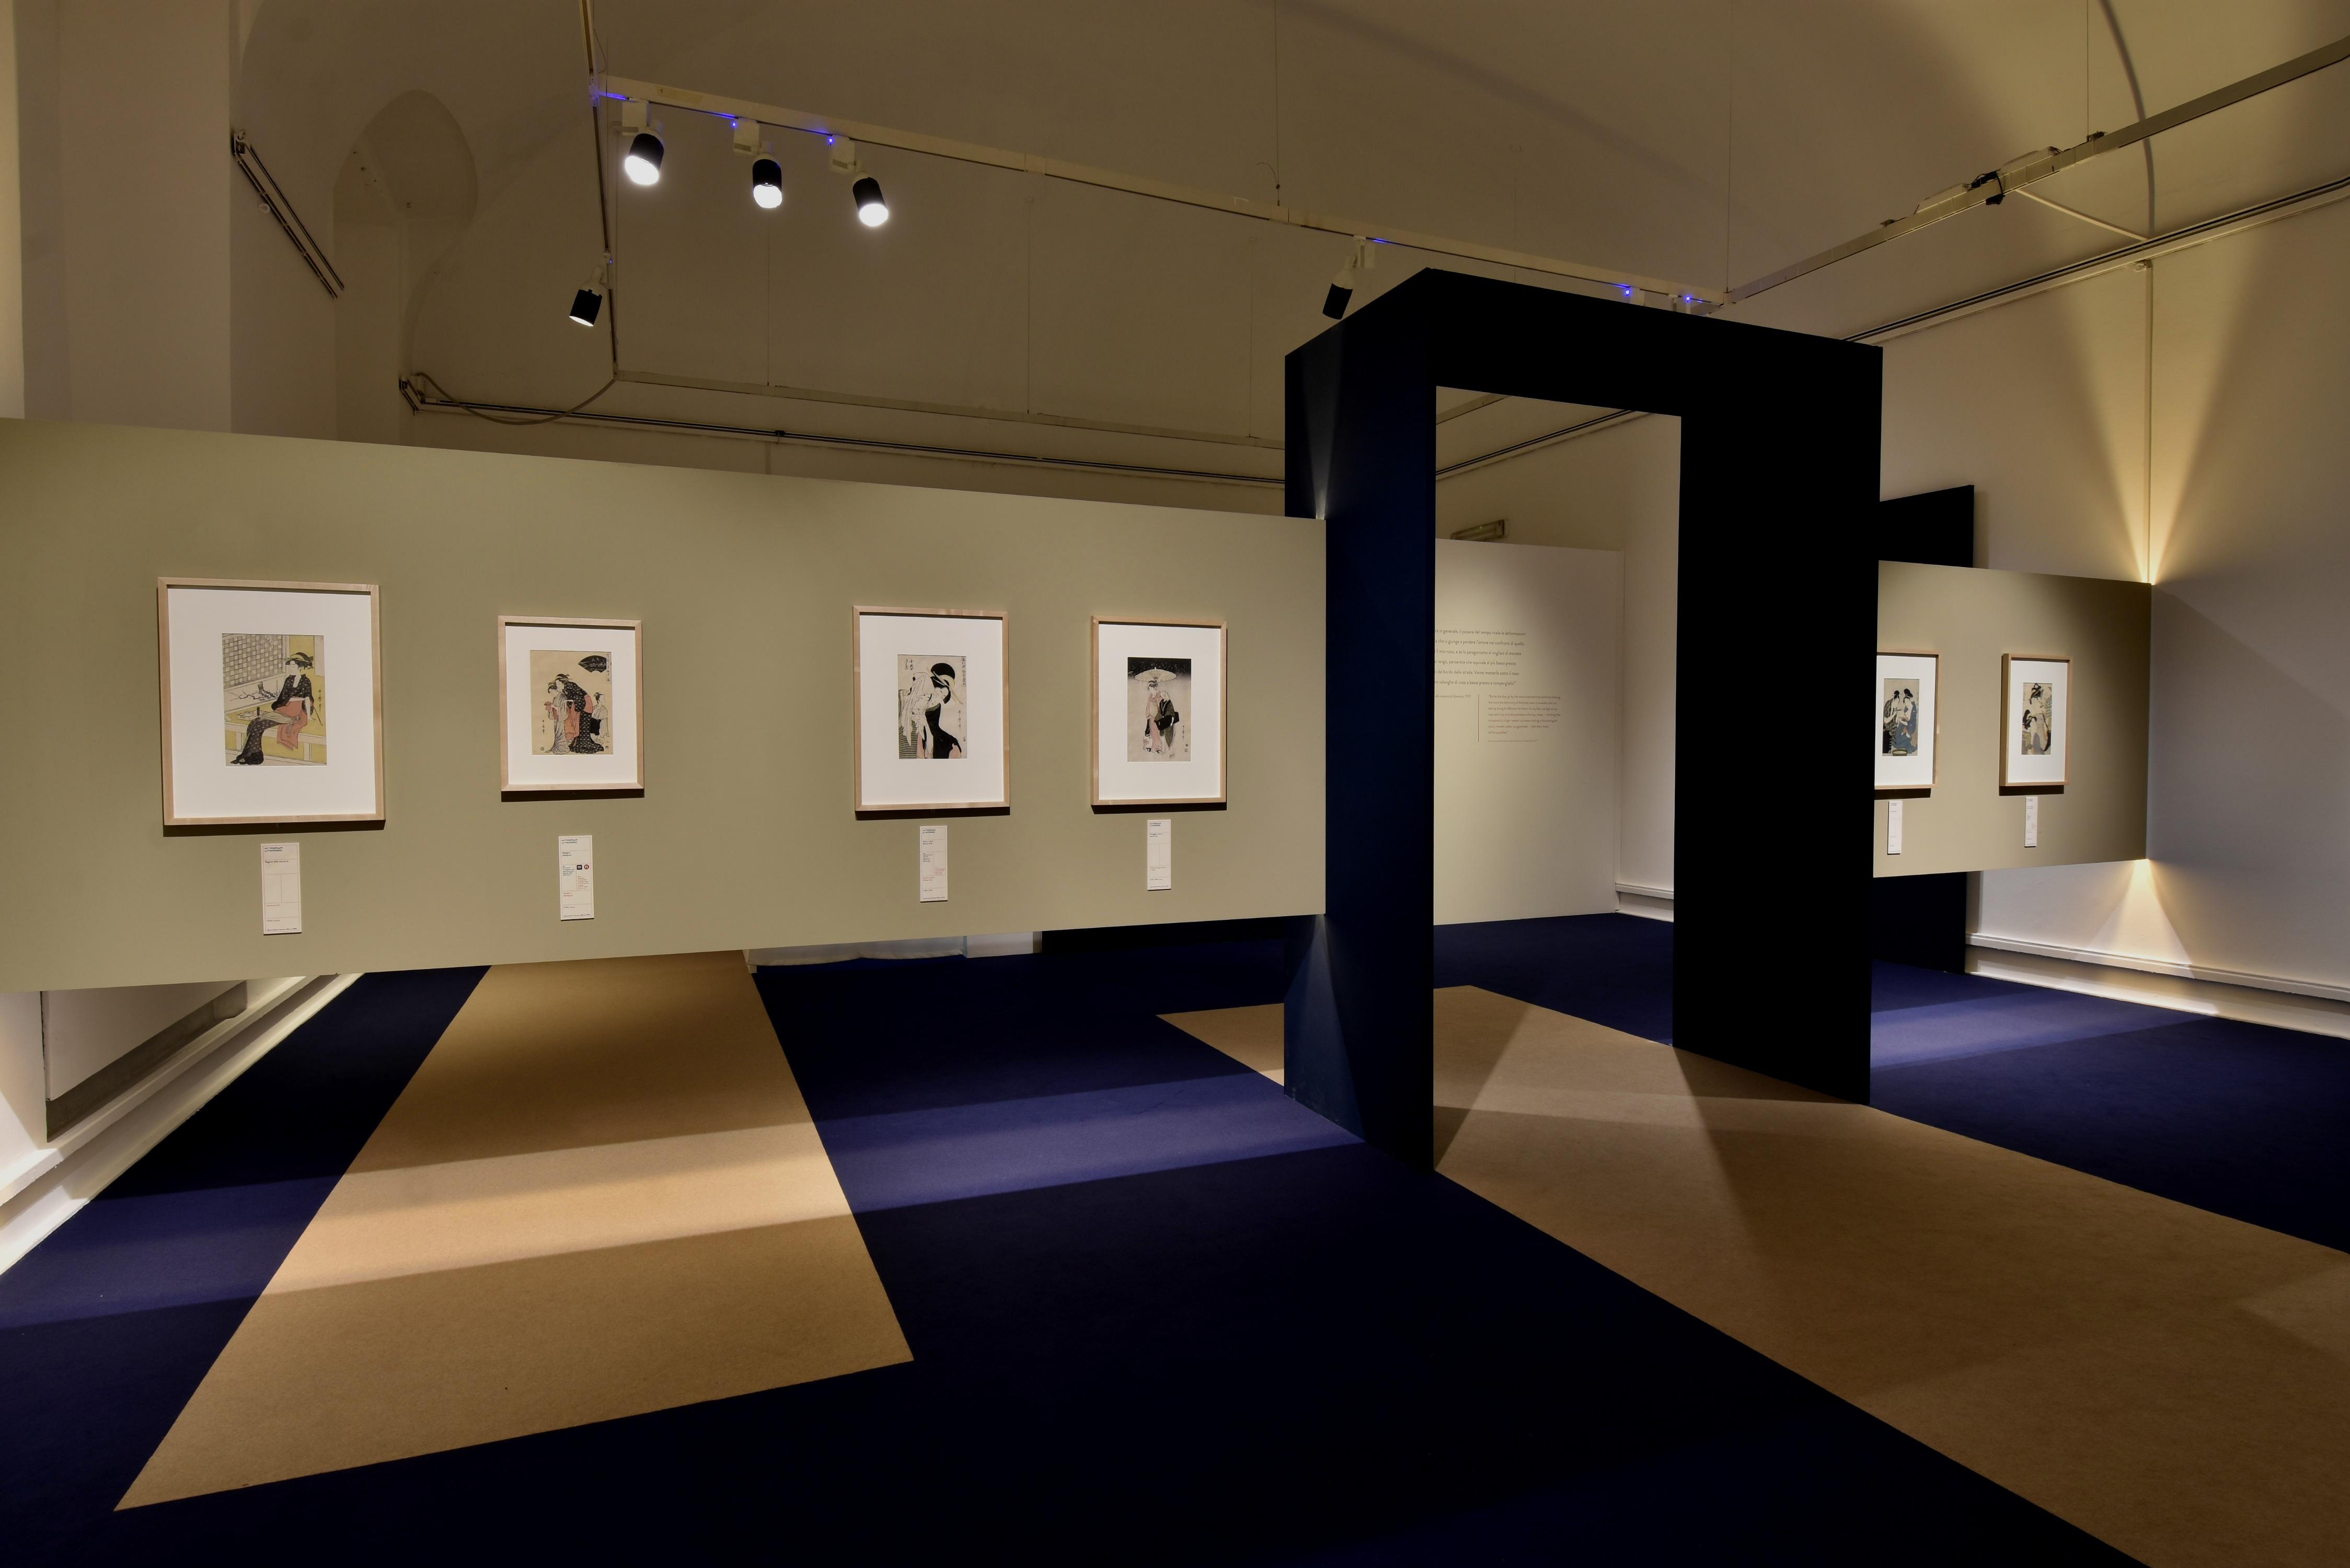 La sala dedicata all'opera di Utamaro: bellezza e sensualità (courtesy photo: Yuki Seli)